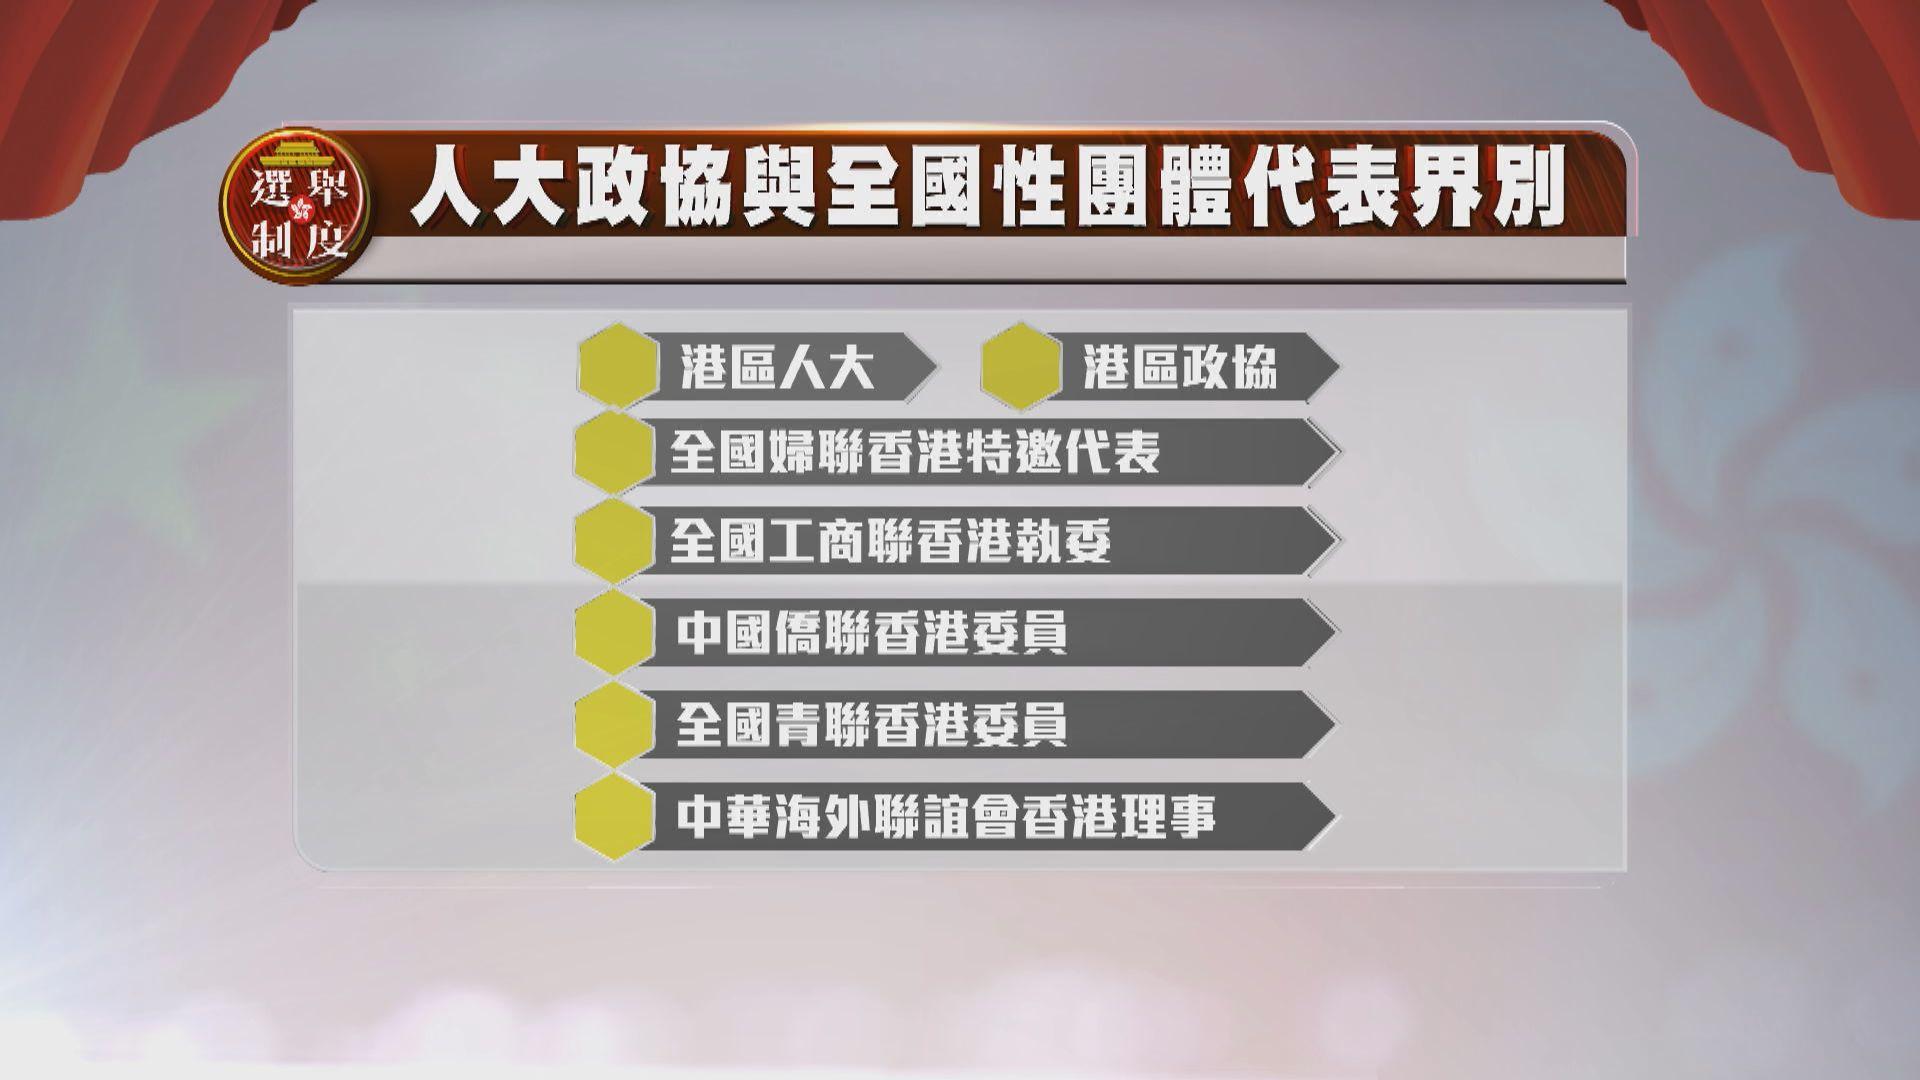 功能組別只有9個個人票界別 包括新增的人大政協與全國性團體